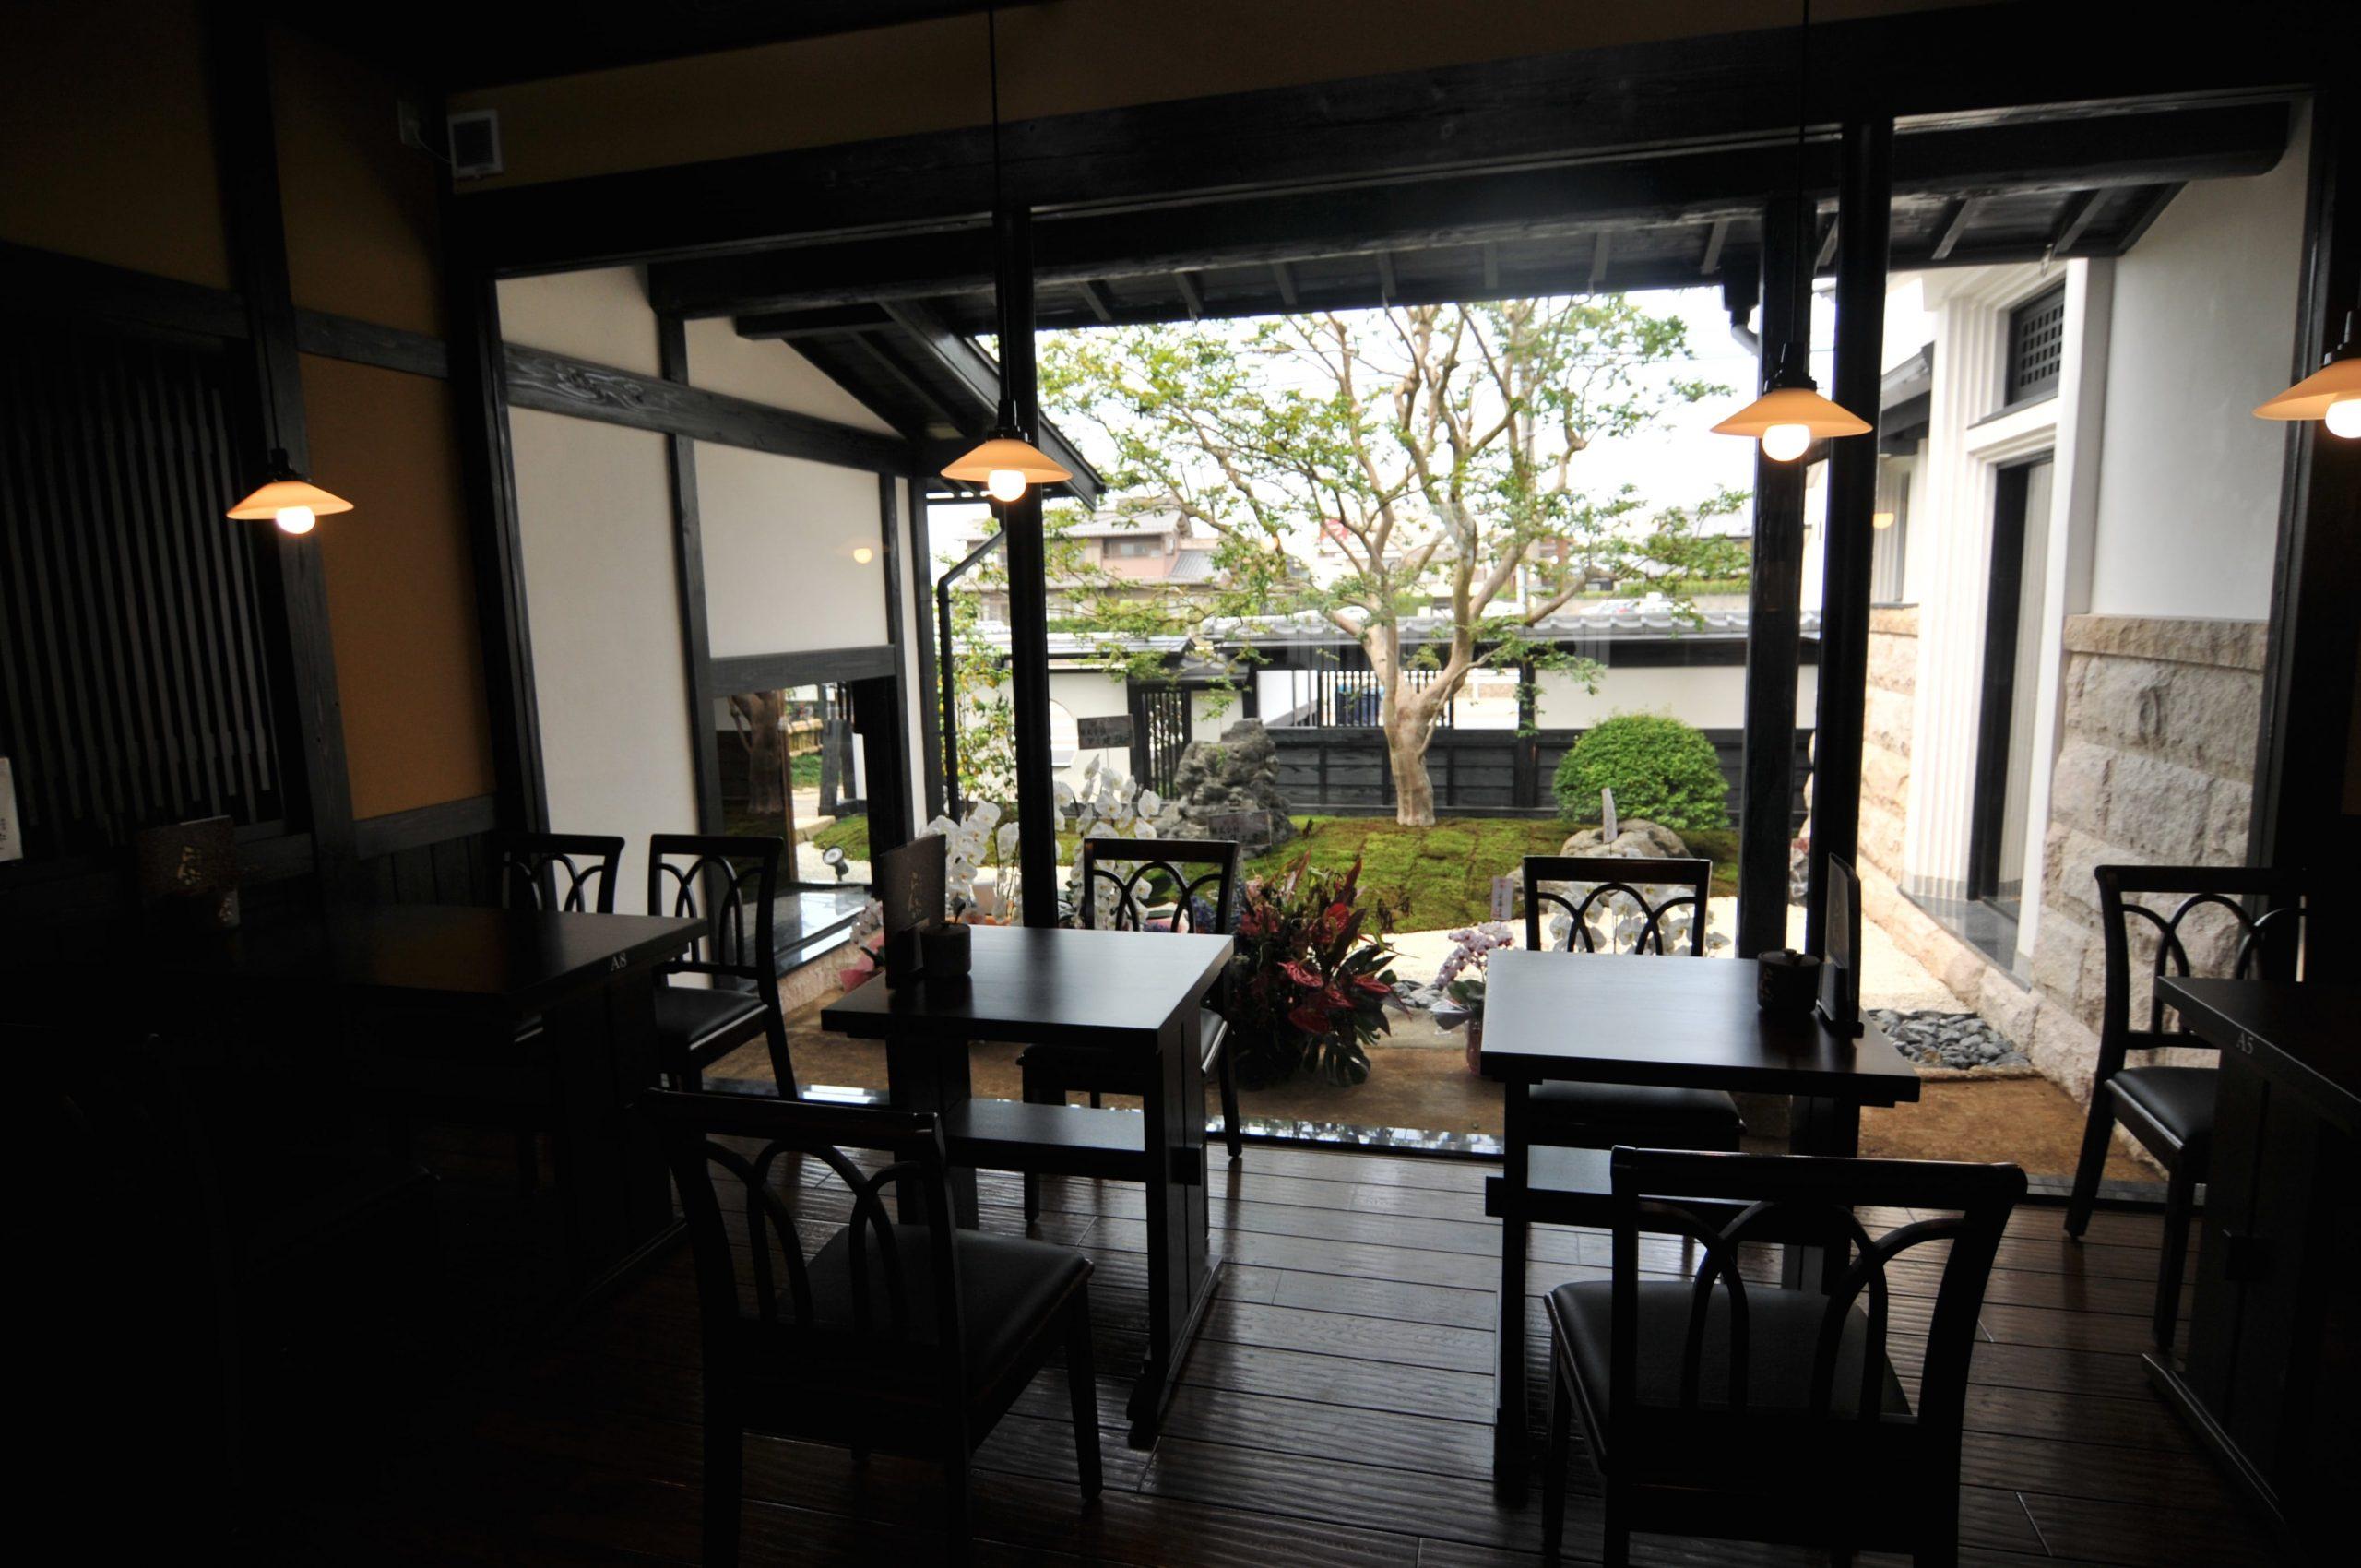 「創業40年の工務店」一級建築士事務所、愛知・小牧市「和田建設」が設計デザイン・建築した、愛知県一宮市のカフェです。